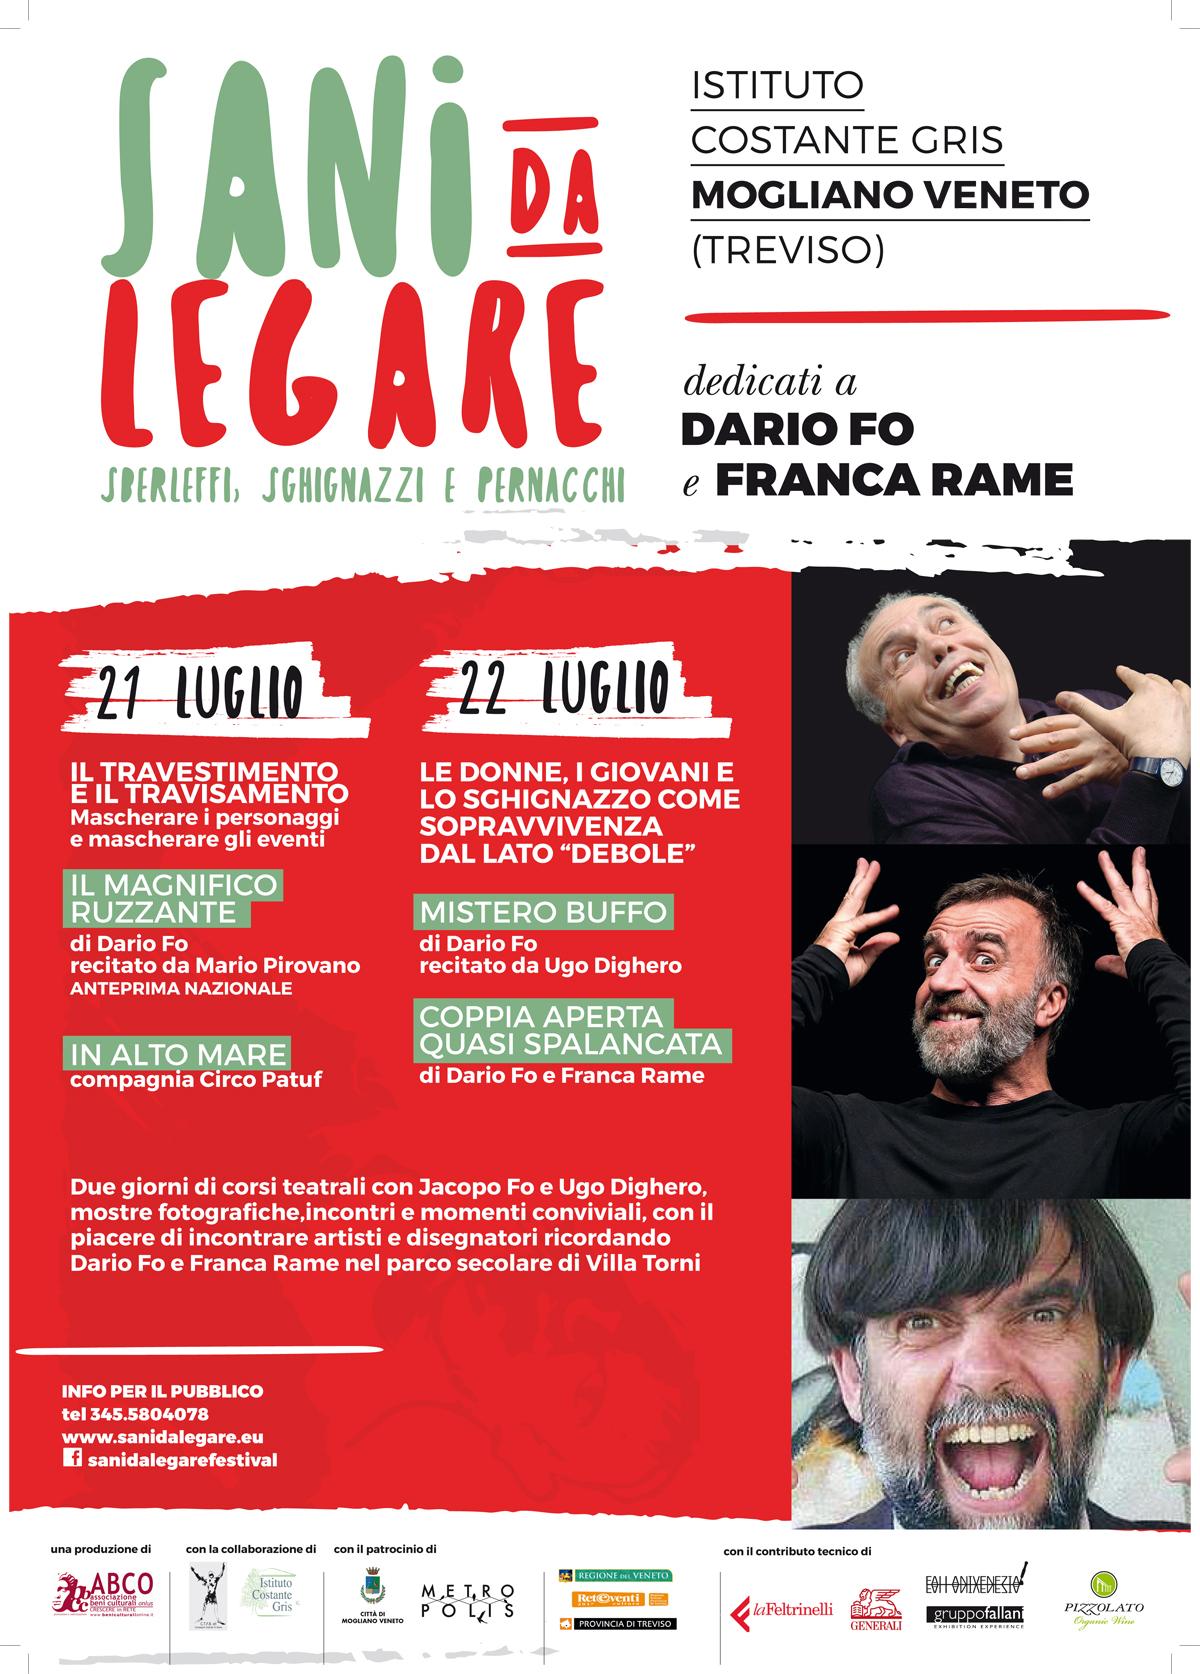 Festival Sani da Legare 2017